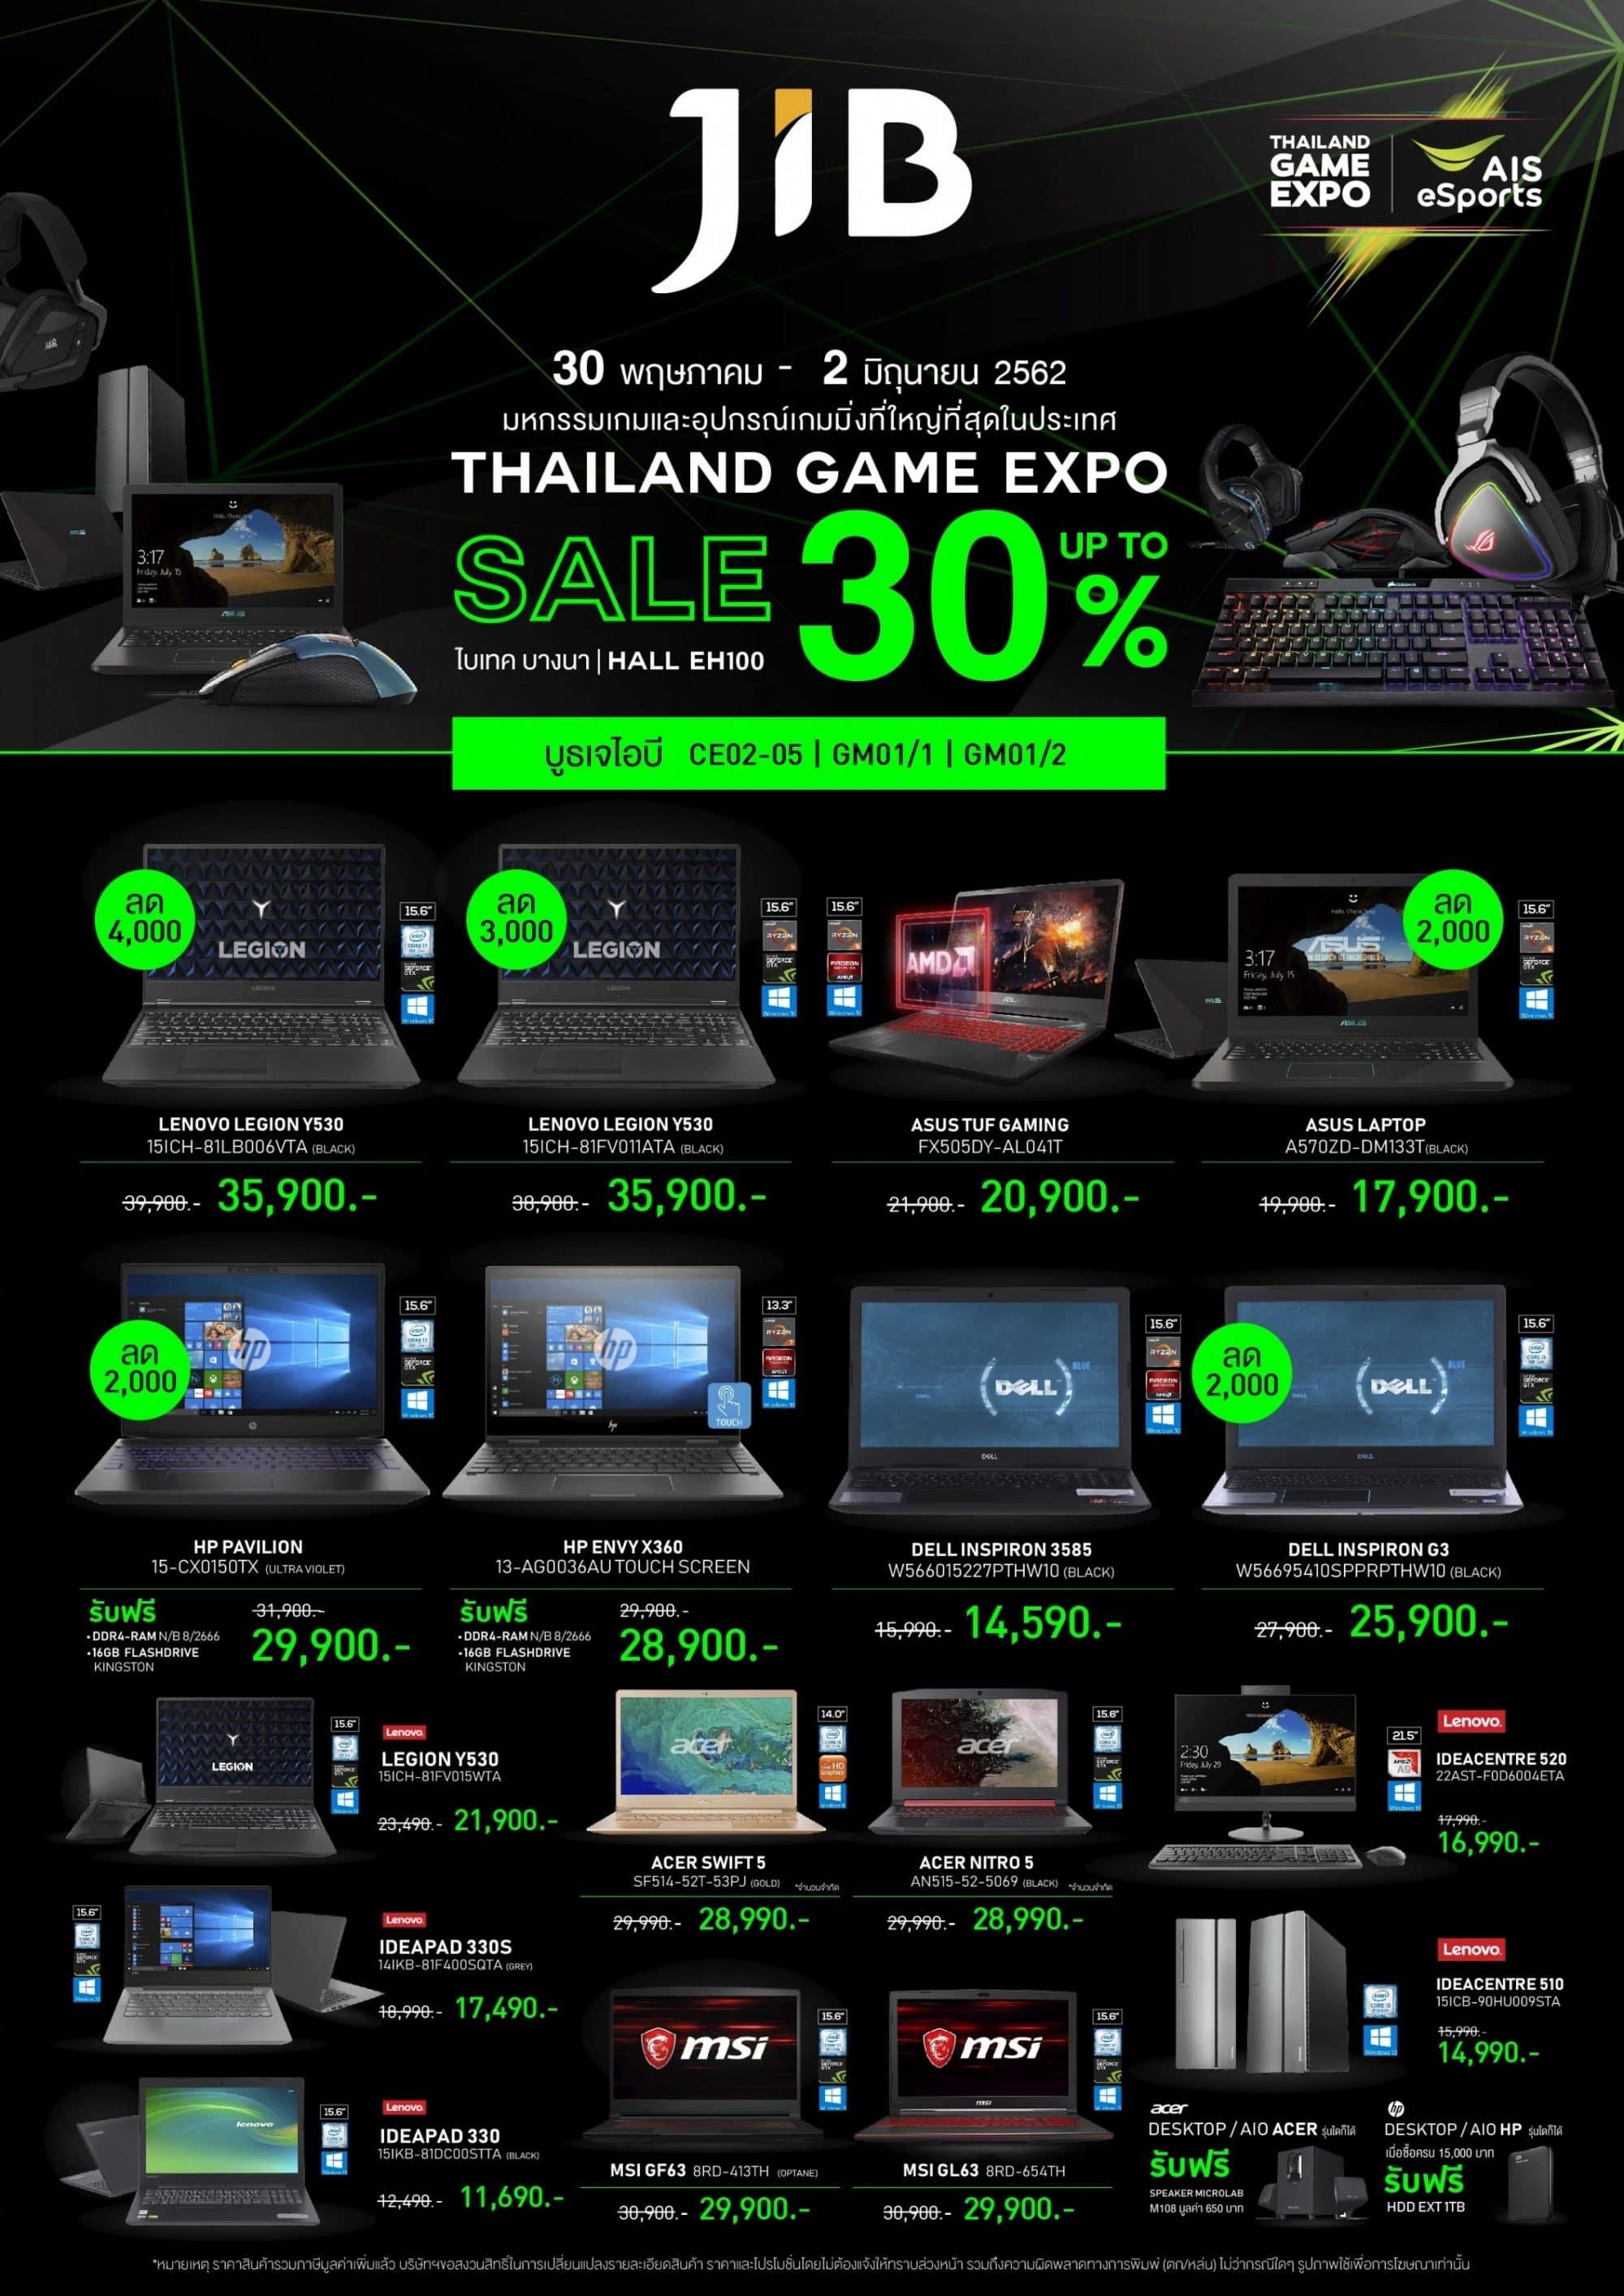 รวมโปรโมชั่น Thailand Mobile Expo 2019 วันที่ 30 พ.ค. - 2 มิ.ย. 2562 43